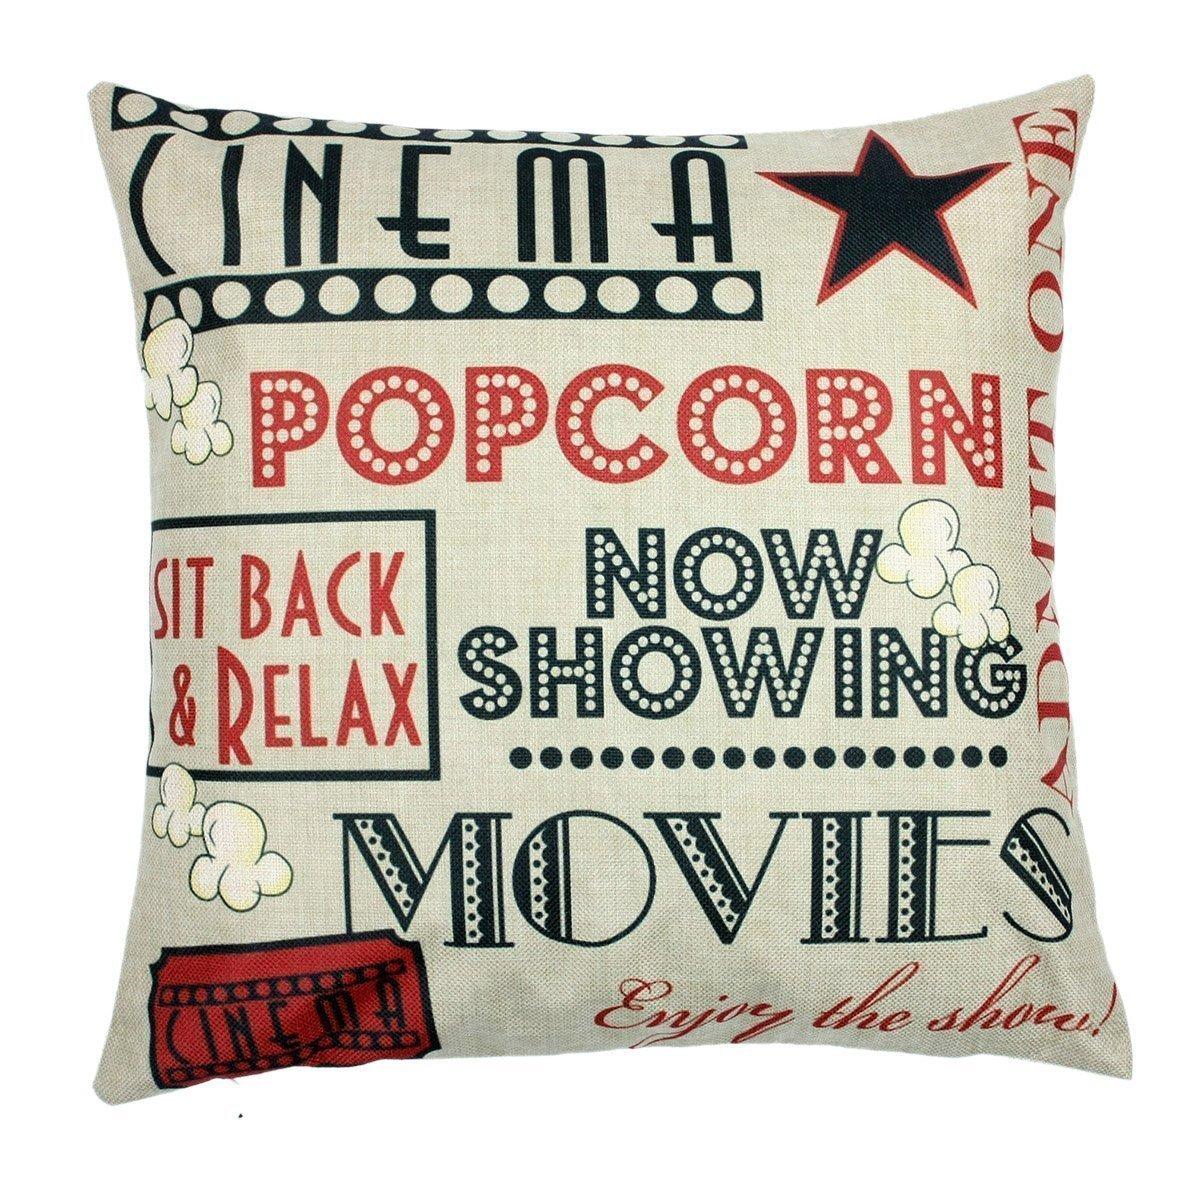 Amazon.com: Movie Theater Cinema Personalized Home Decor Design ...